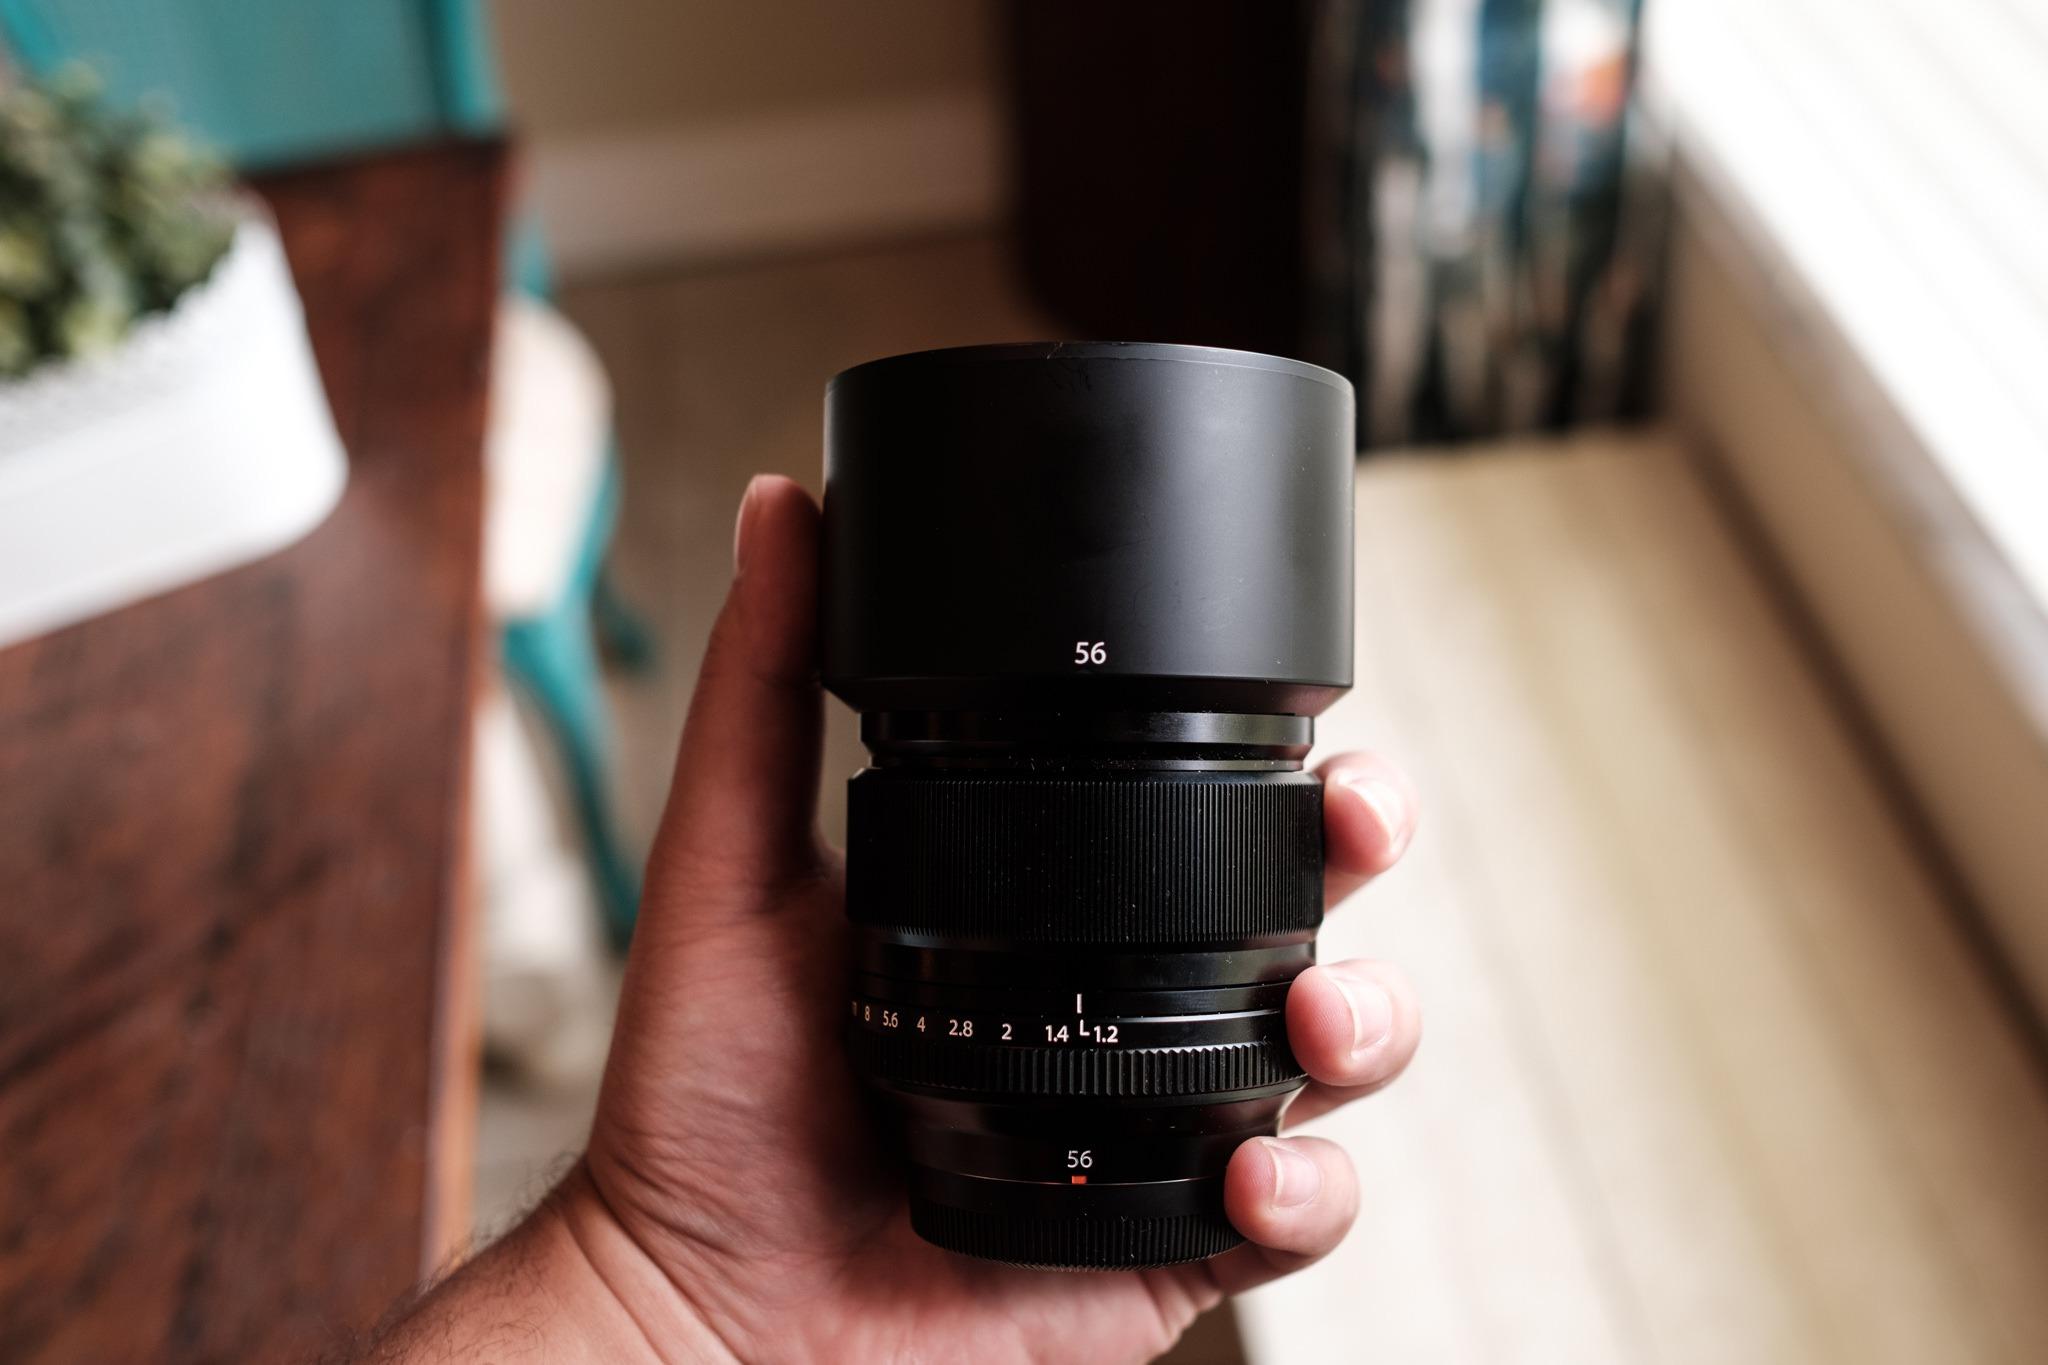 Fujifilm đang phát triển ống kính XF 56mm F1.2 MK II và XF 23mm F1.4 MK II